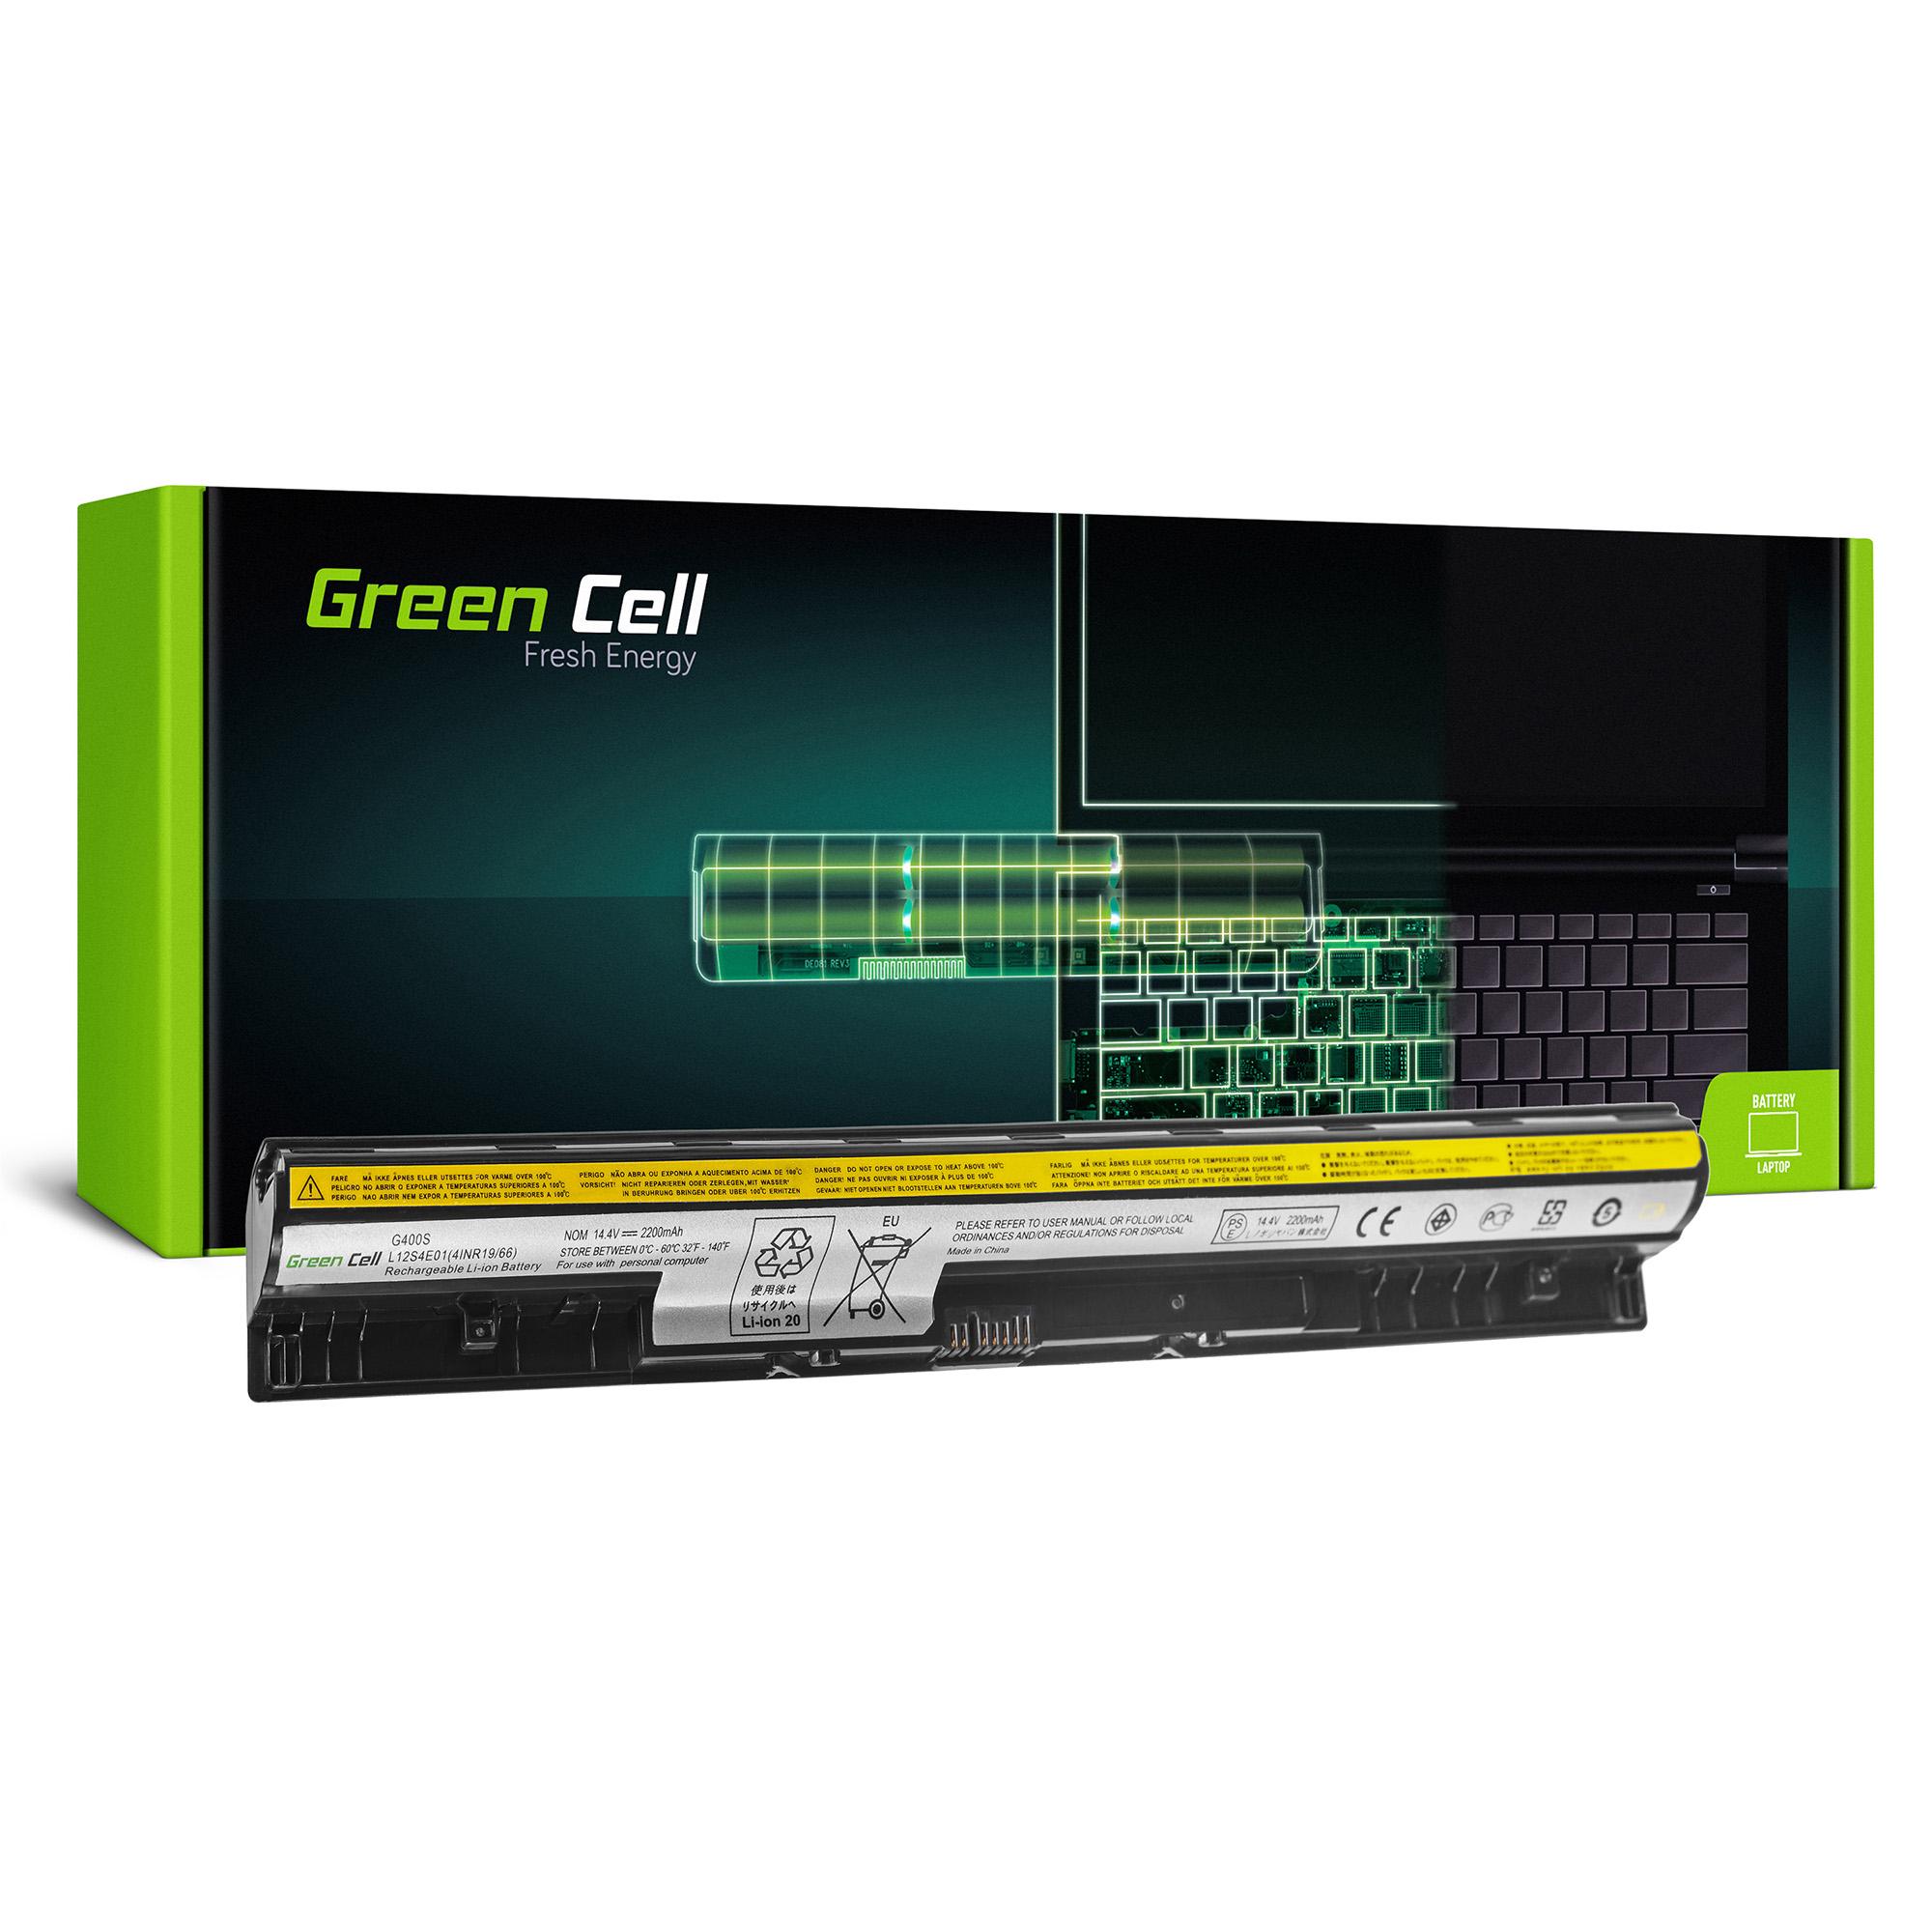 Bateria Lenovo G40 G40 30 G40 45 G40 70 G50 G50 30